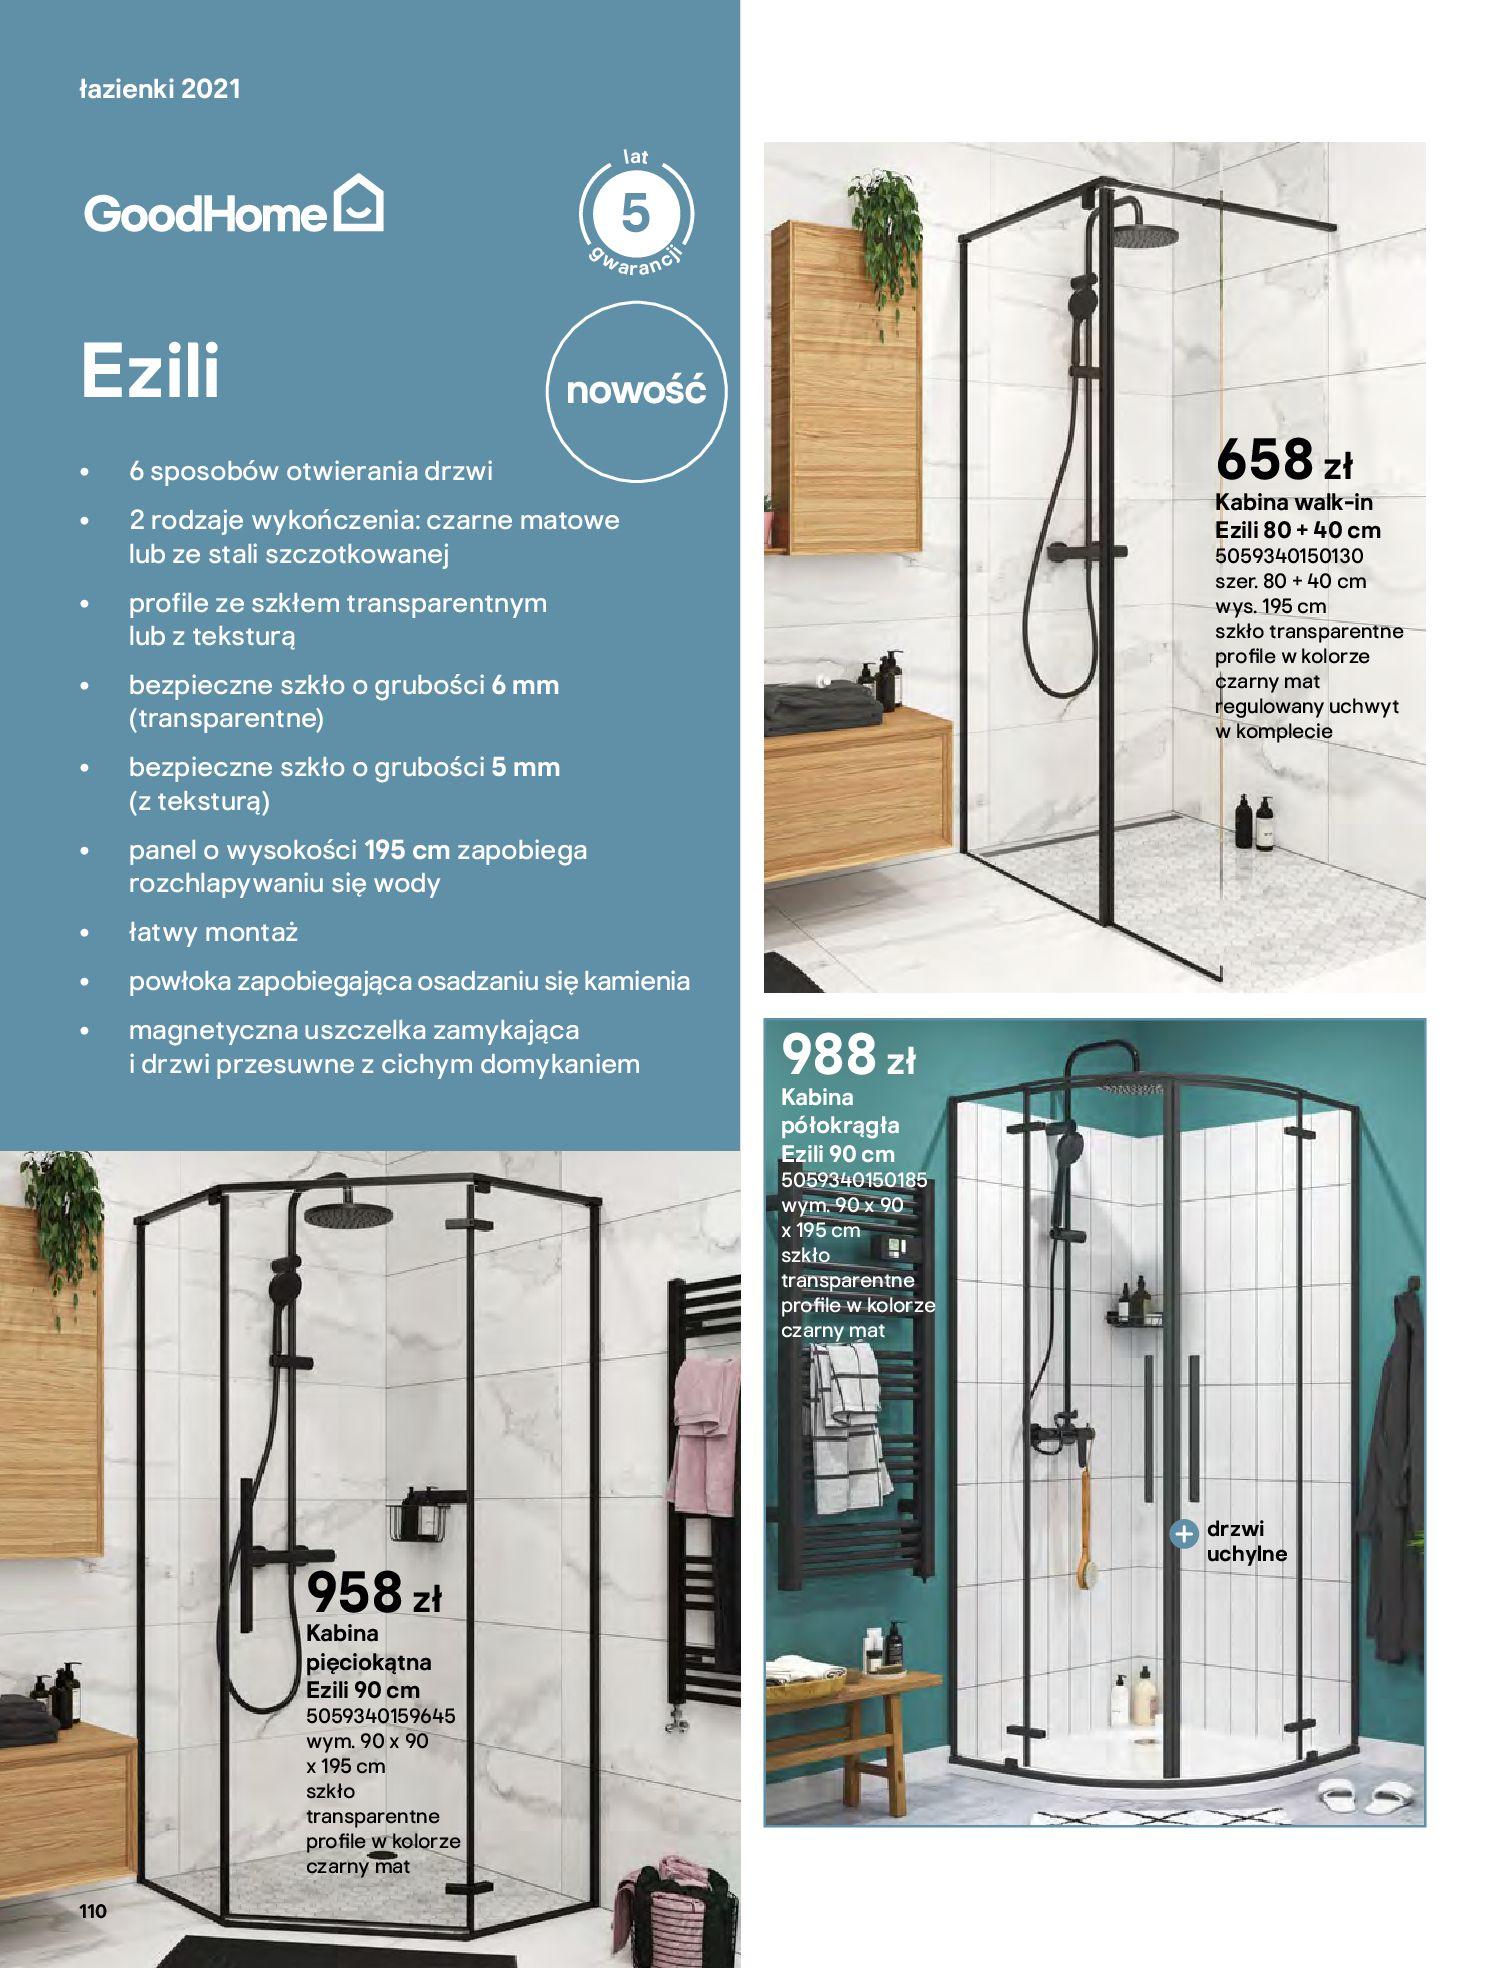 Gazetka Castorama: Gazetka Castorama - katalog łazienki 2021 2021-06-16 page-110